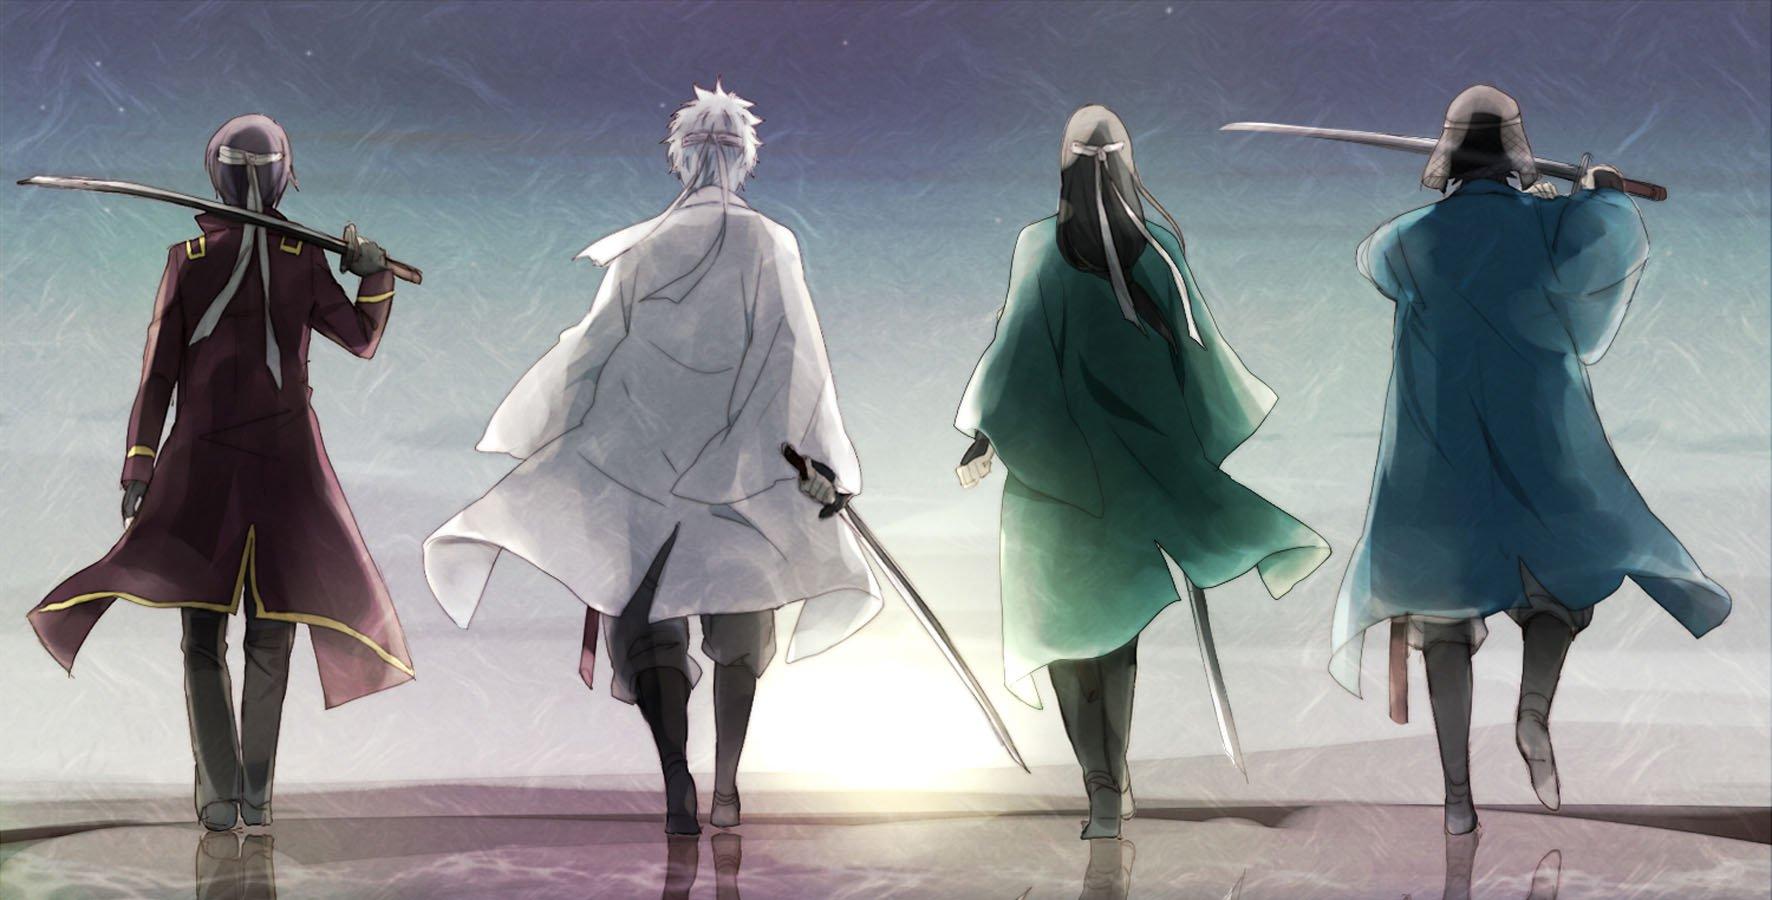 Hình nền anime độc và đẹp